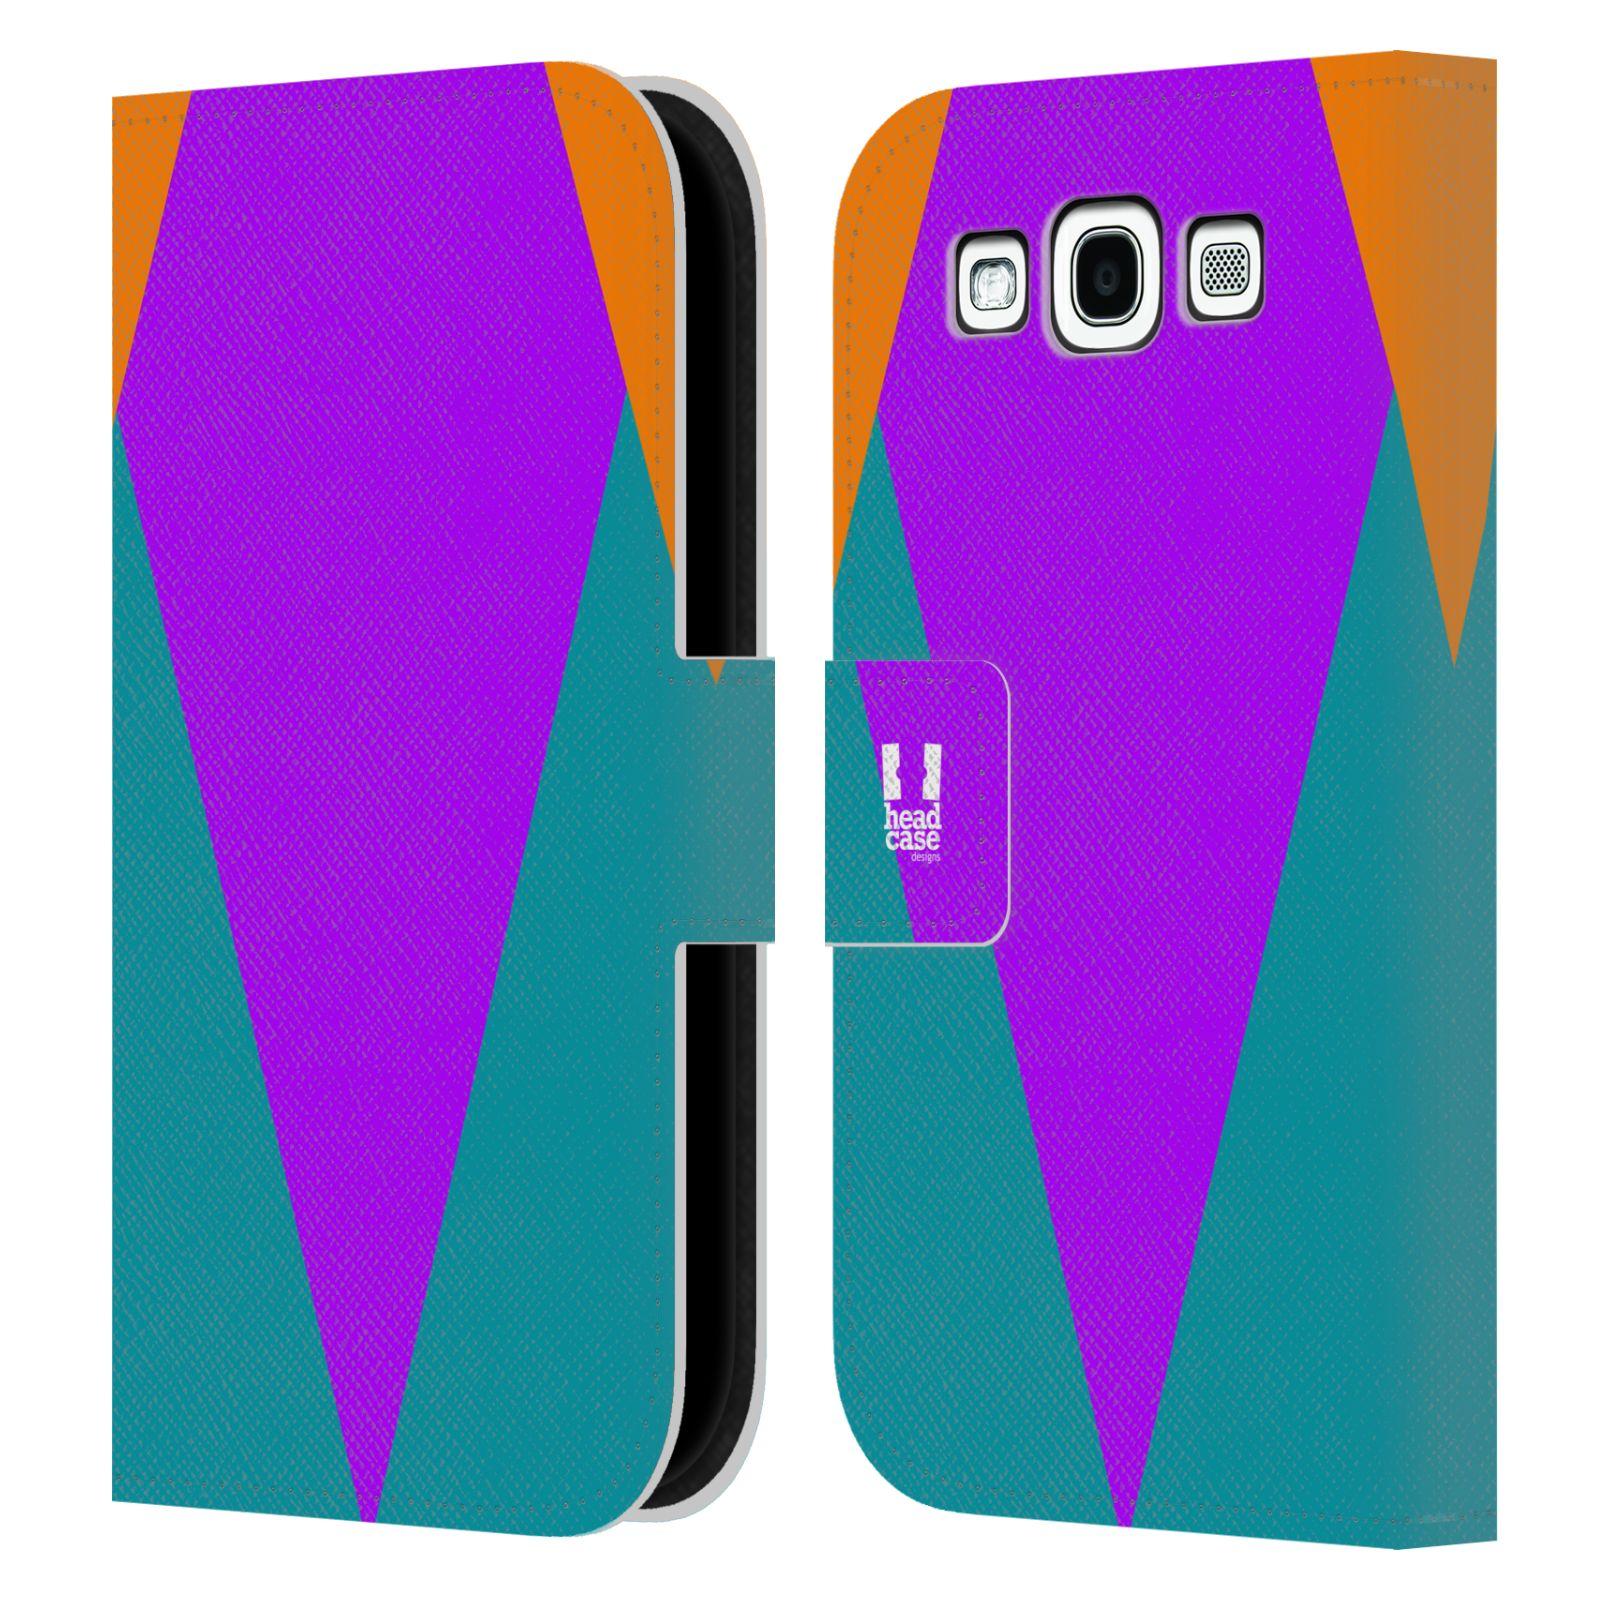 HEAD CASE Flipové pouzdro pro mobil Samsung Galaxy S3 I9300 barevné tvary šipka fialová